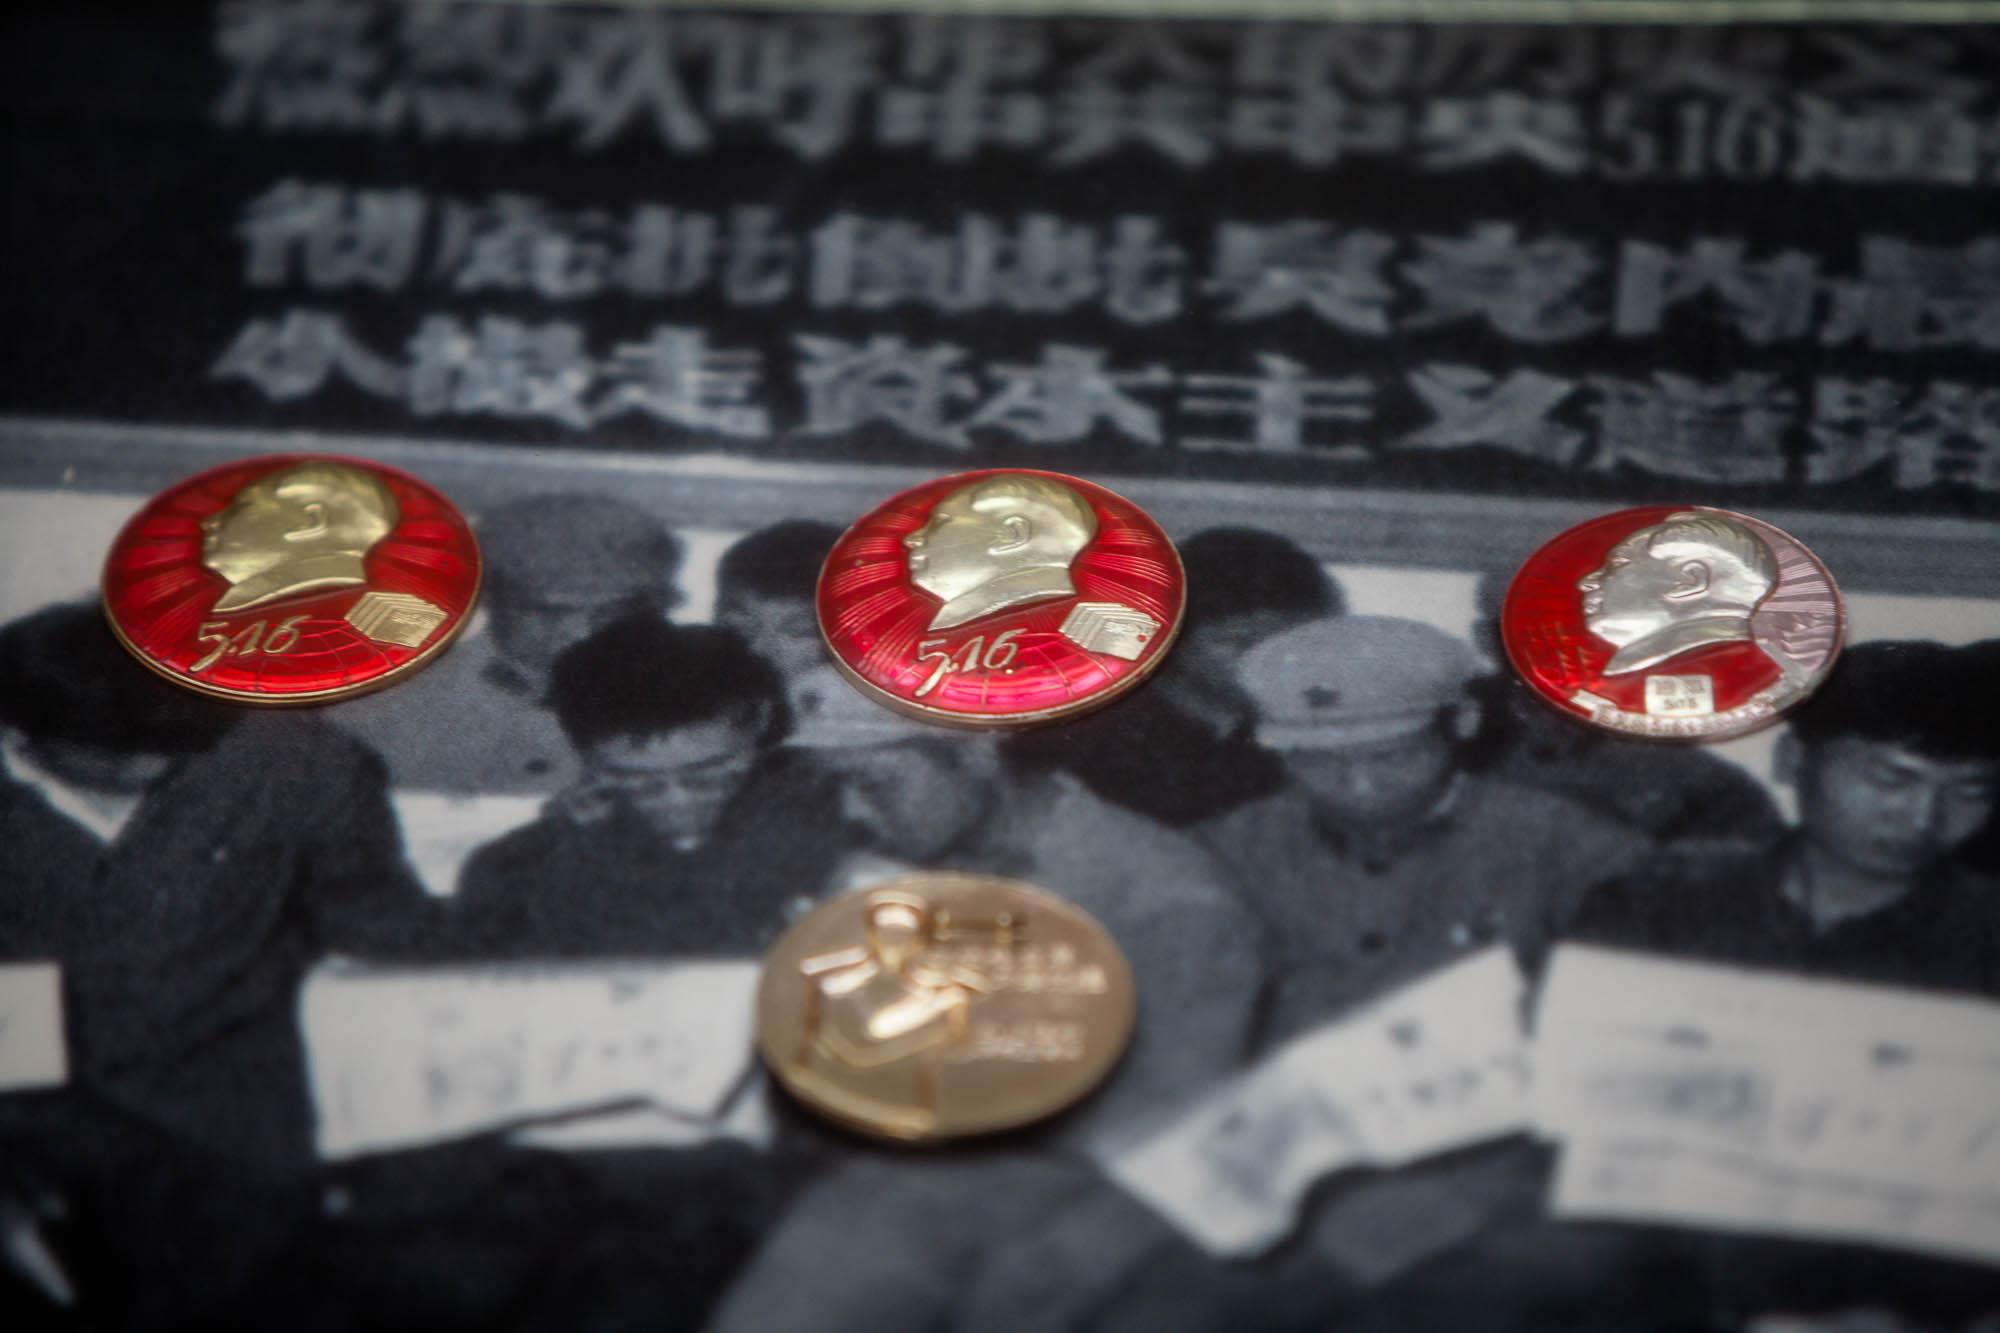 Mao pins